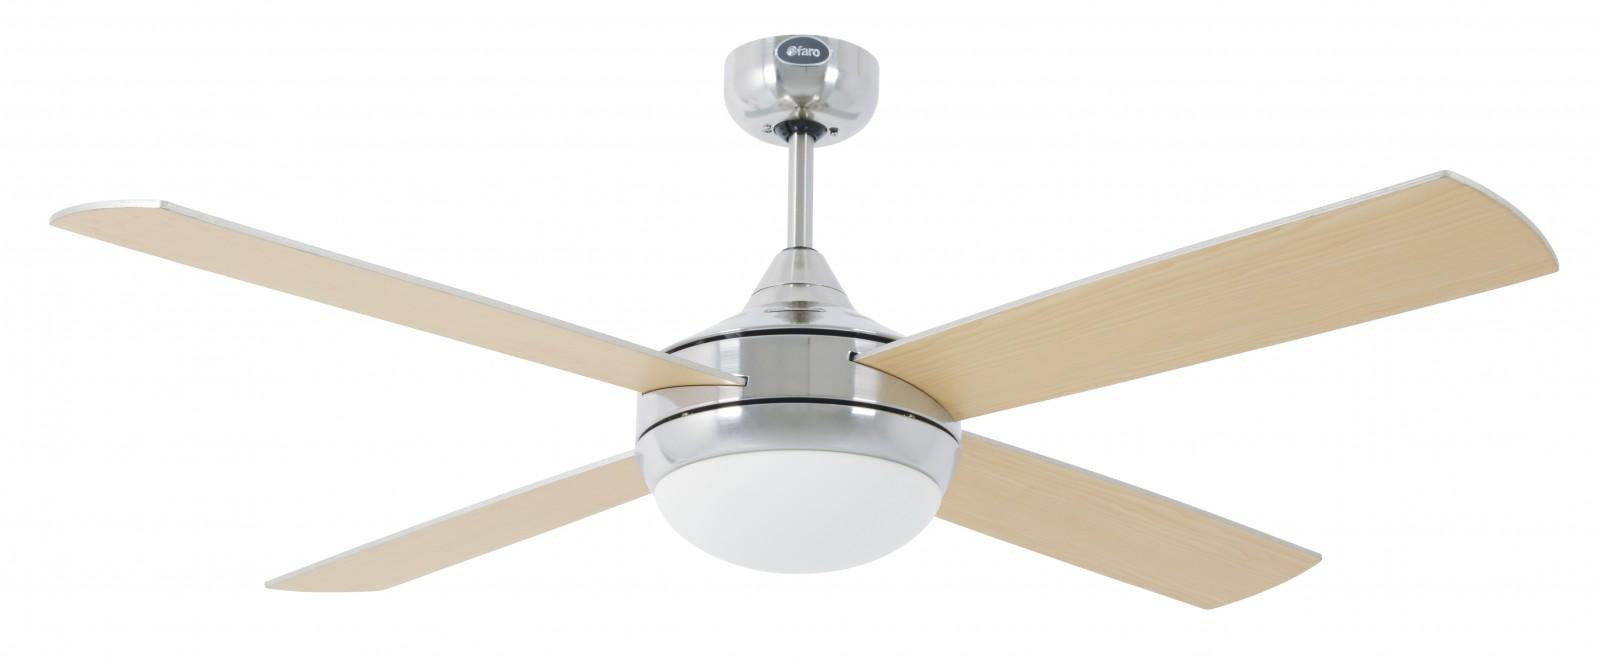 Faro ventilateur de plafond icaria aluminium 132 cm avec - Ventilateur de plafond avec eclairage ...